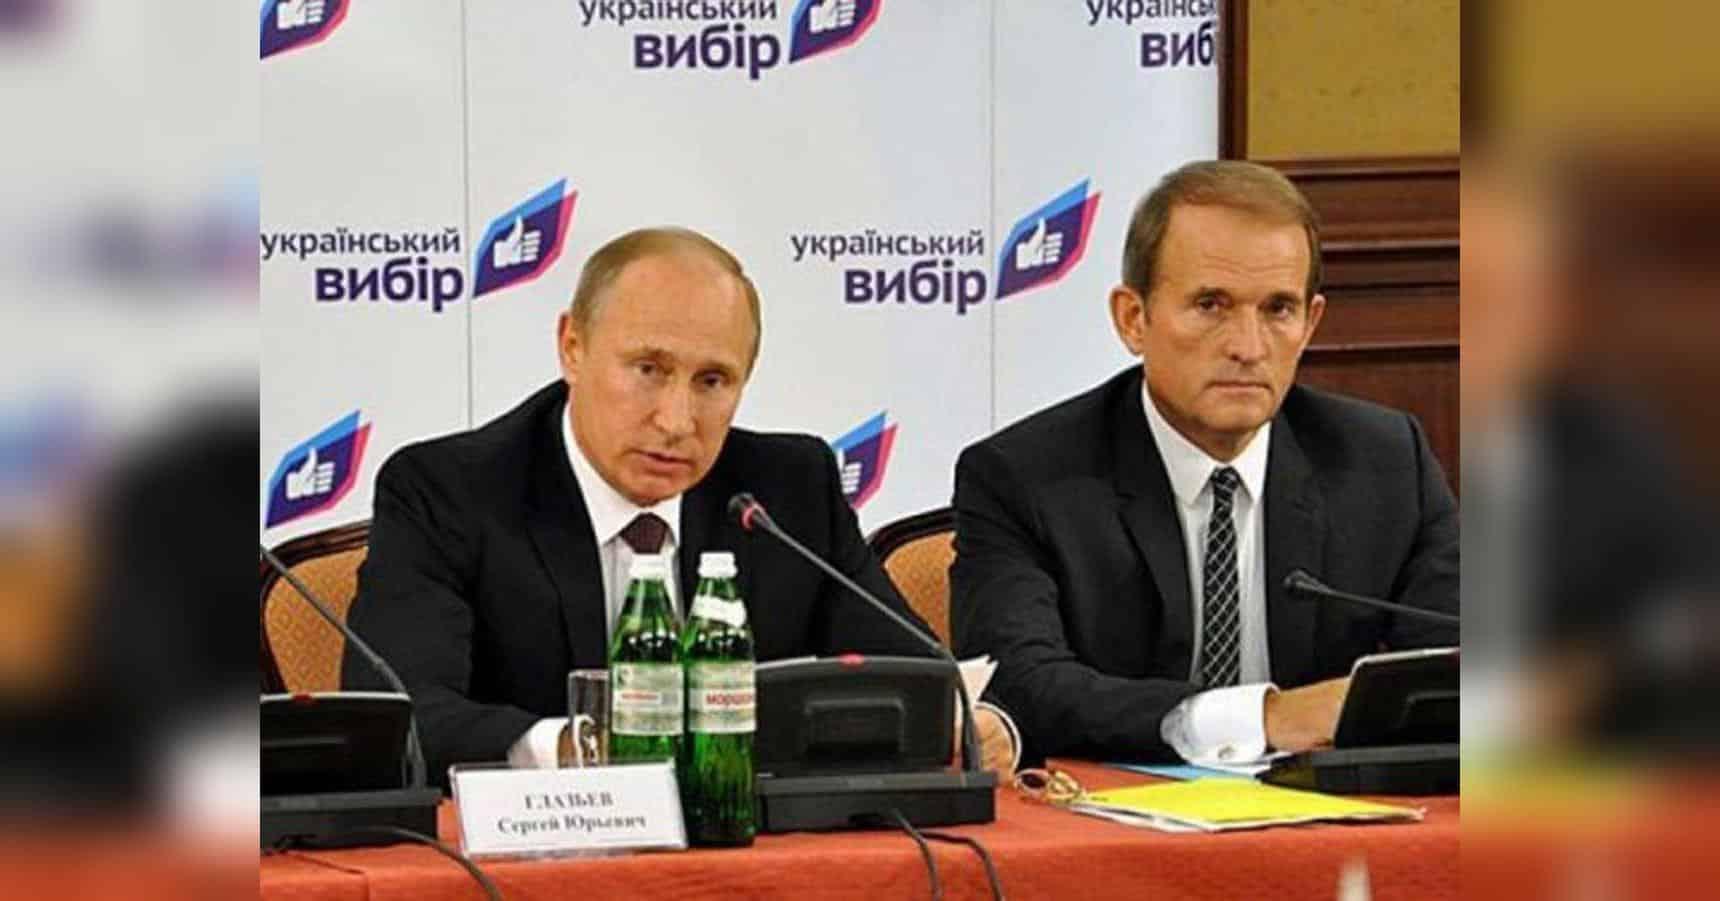 Виктор Медведчук: как стал кумом Владимира Путина, что их связывает. Кто такой Медведчук